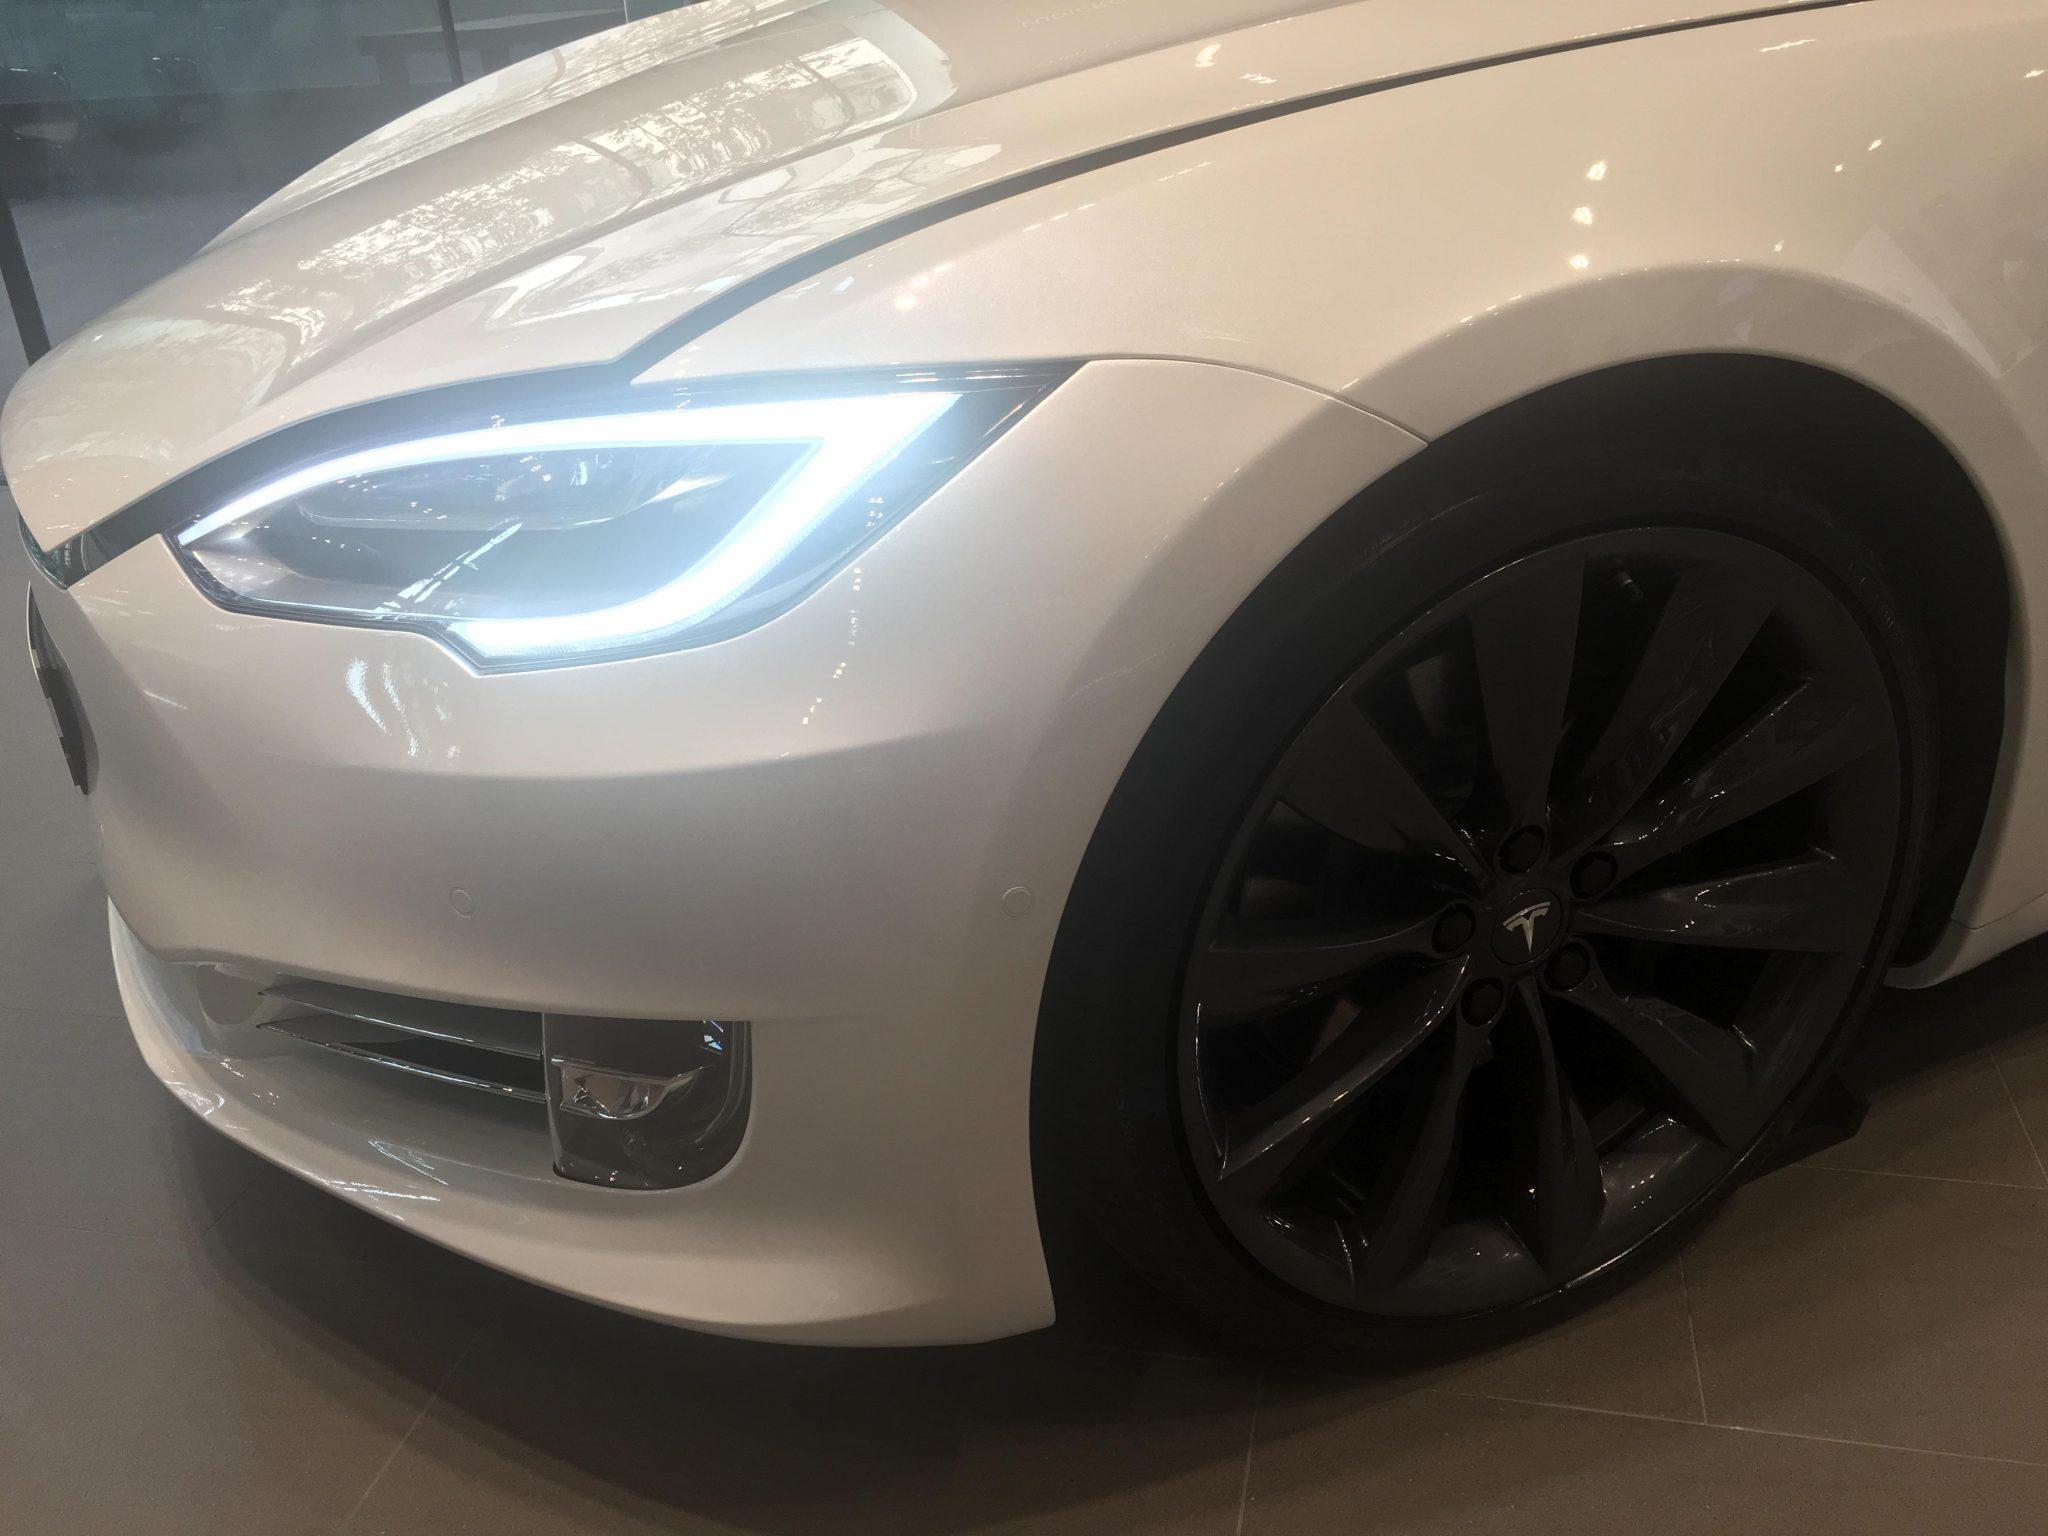 테슬라 모델 S 앞 측면